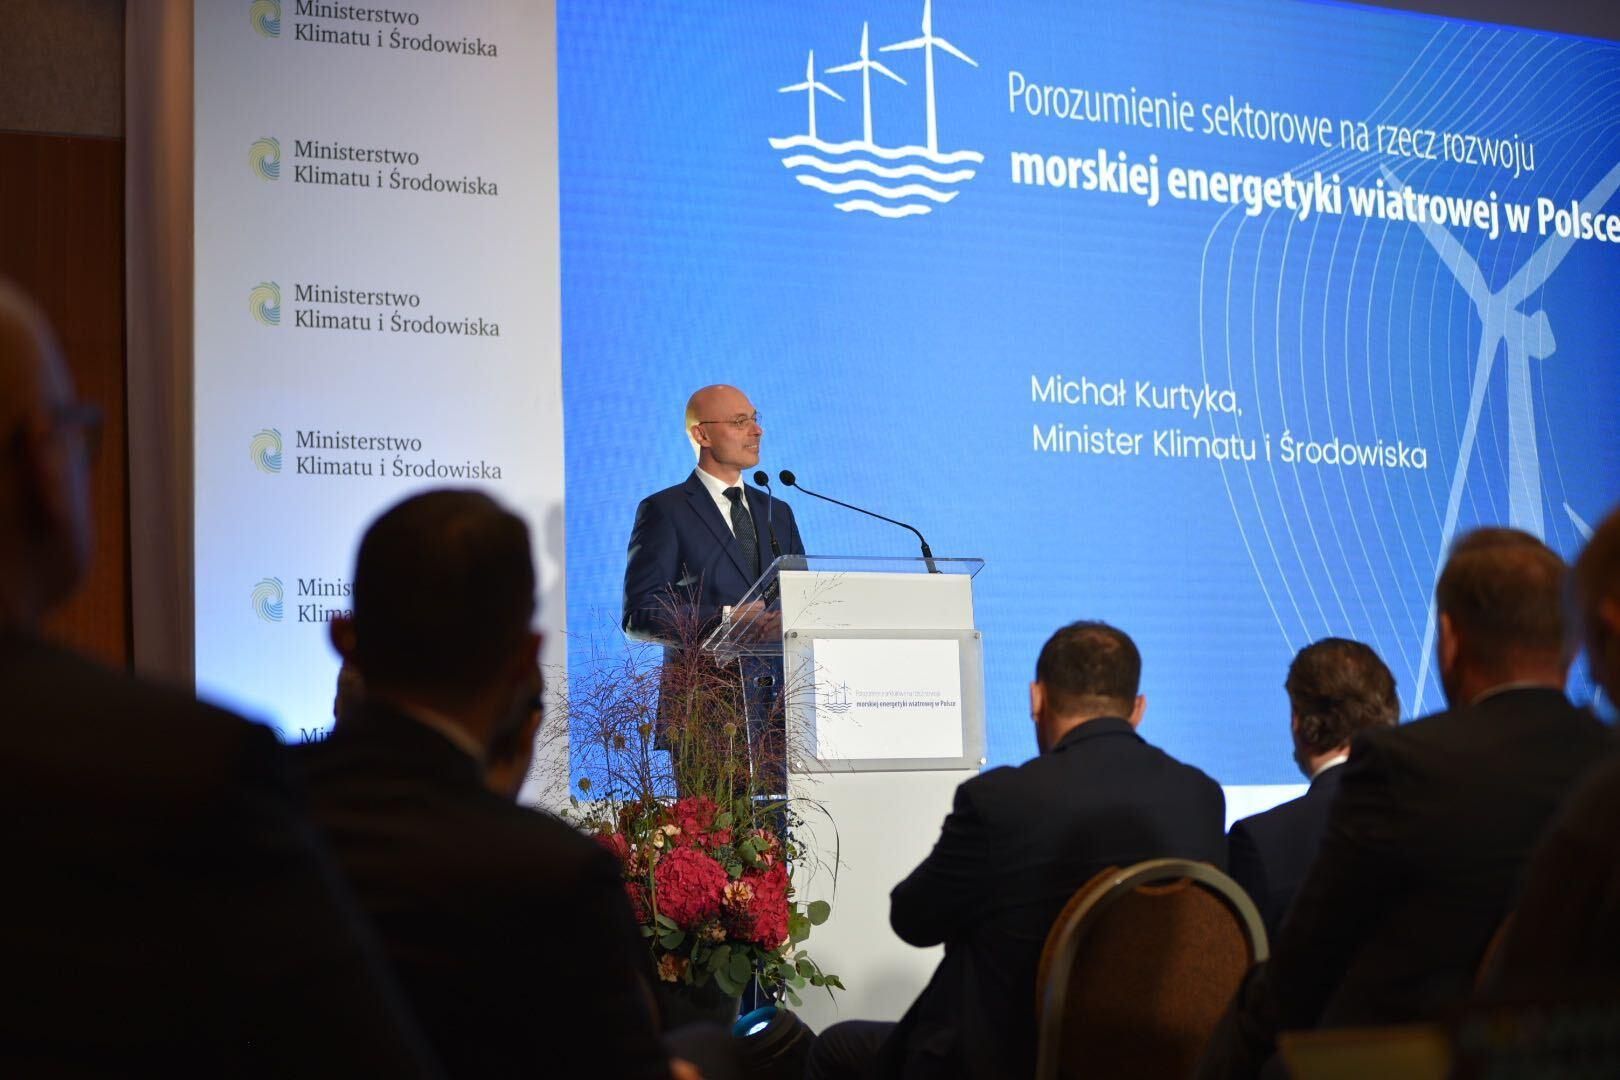 """Minister Michał Kurtyka na uroczystości podpisania """"Porozumienia sektorowego na rzecz rozwoju morskiej energetyki wiatrowej w Polsce"""""""